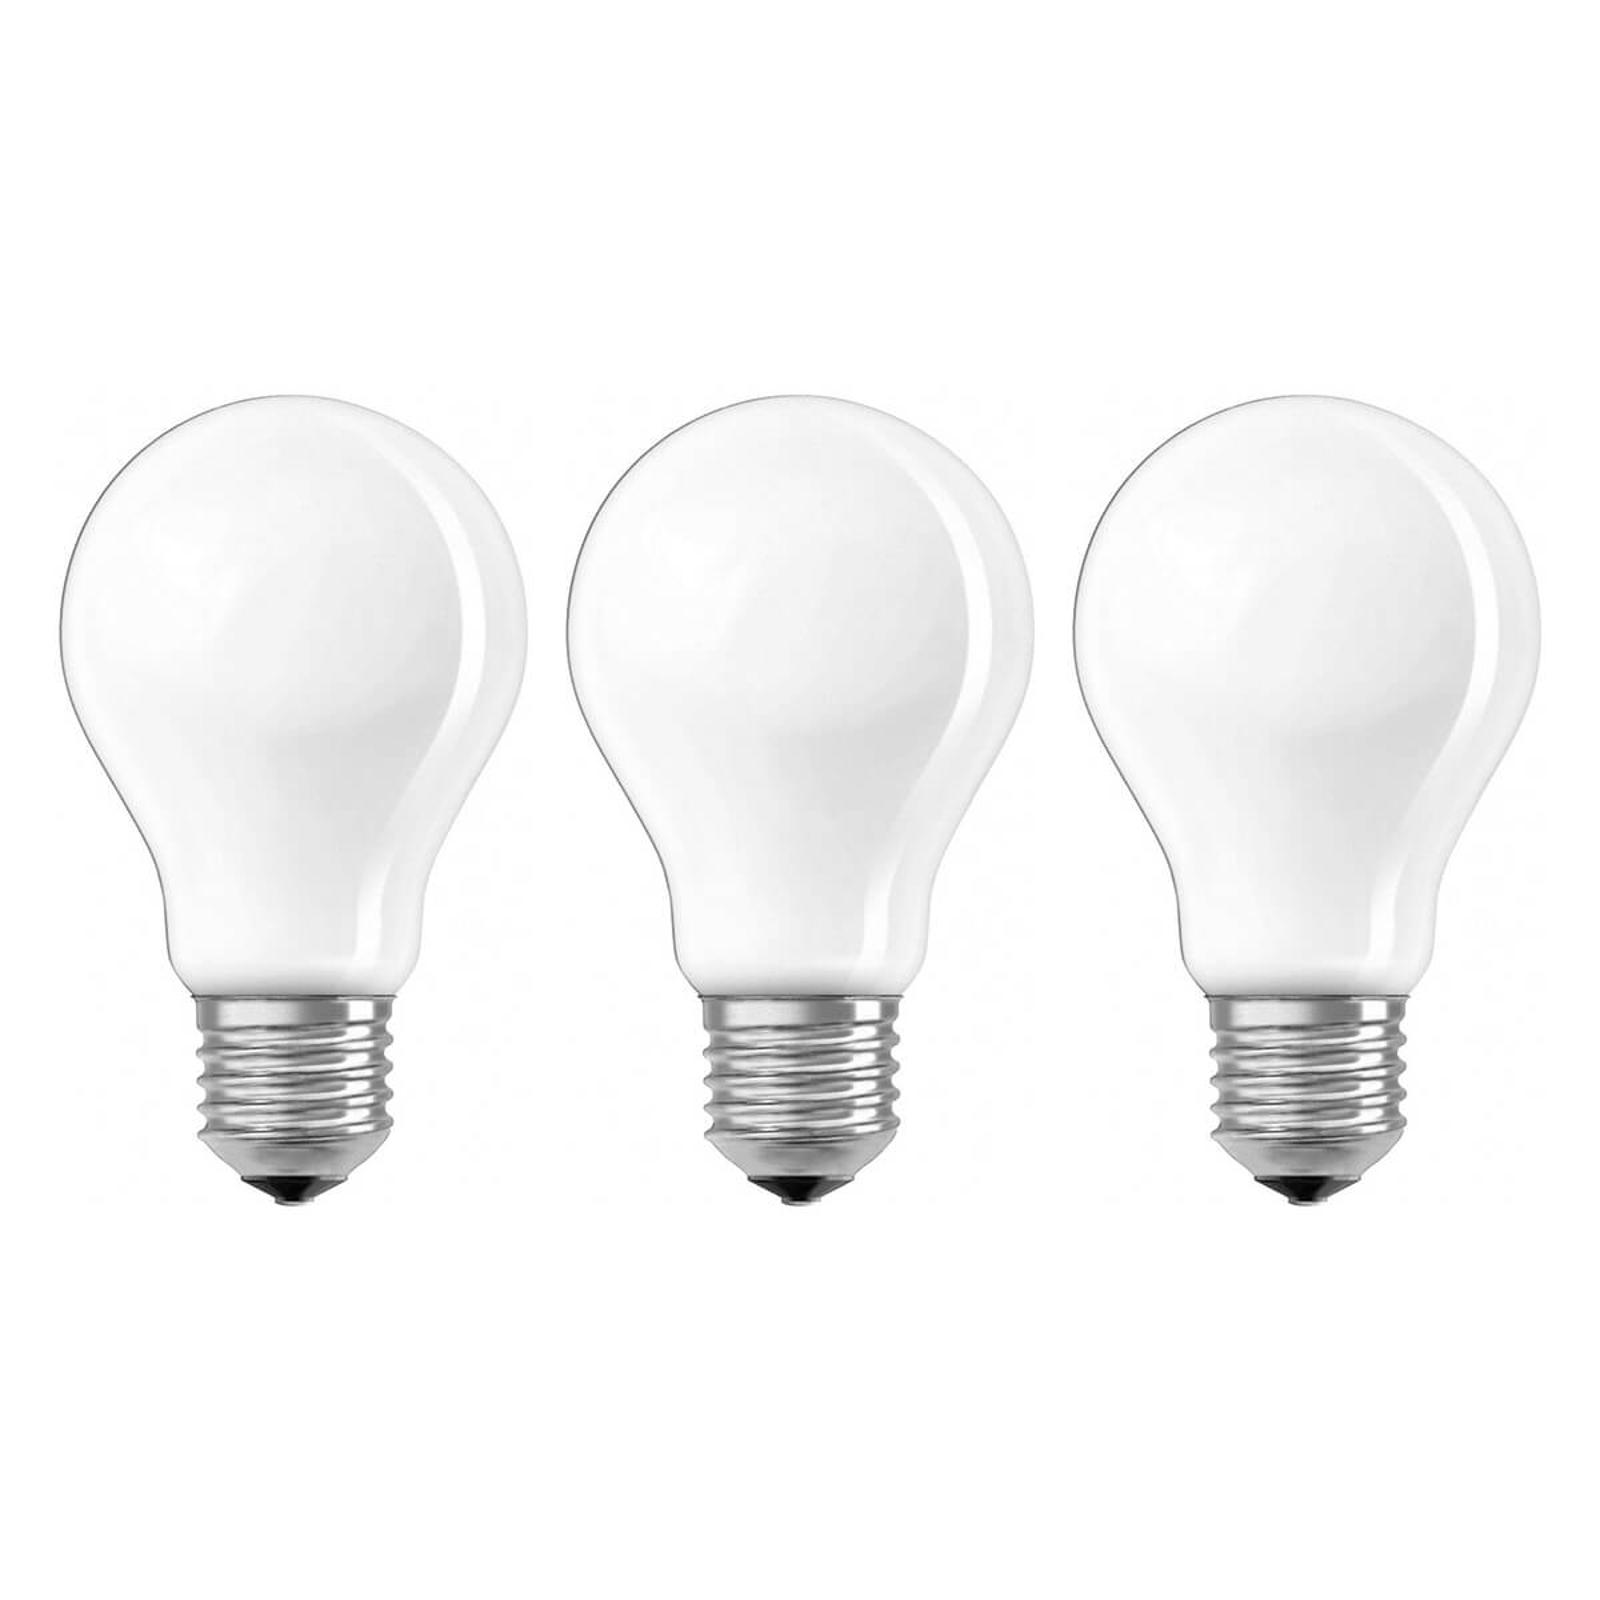 Lampadina LED E27 7W, 806 lumen, set da 3